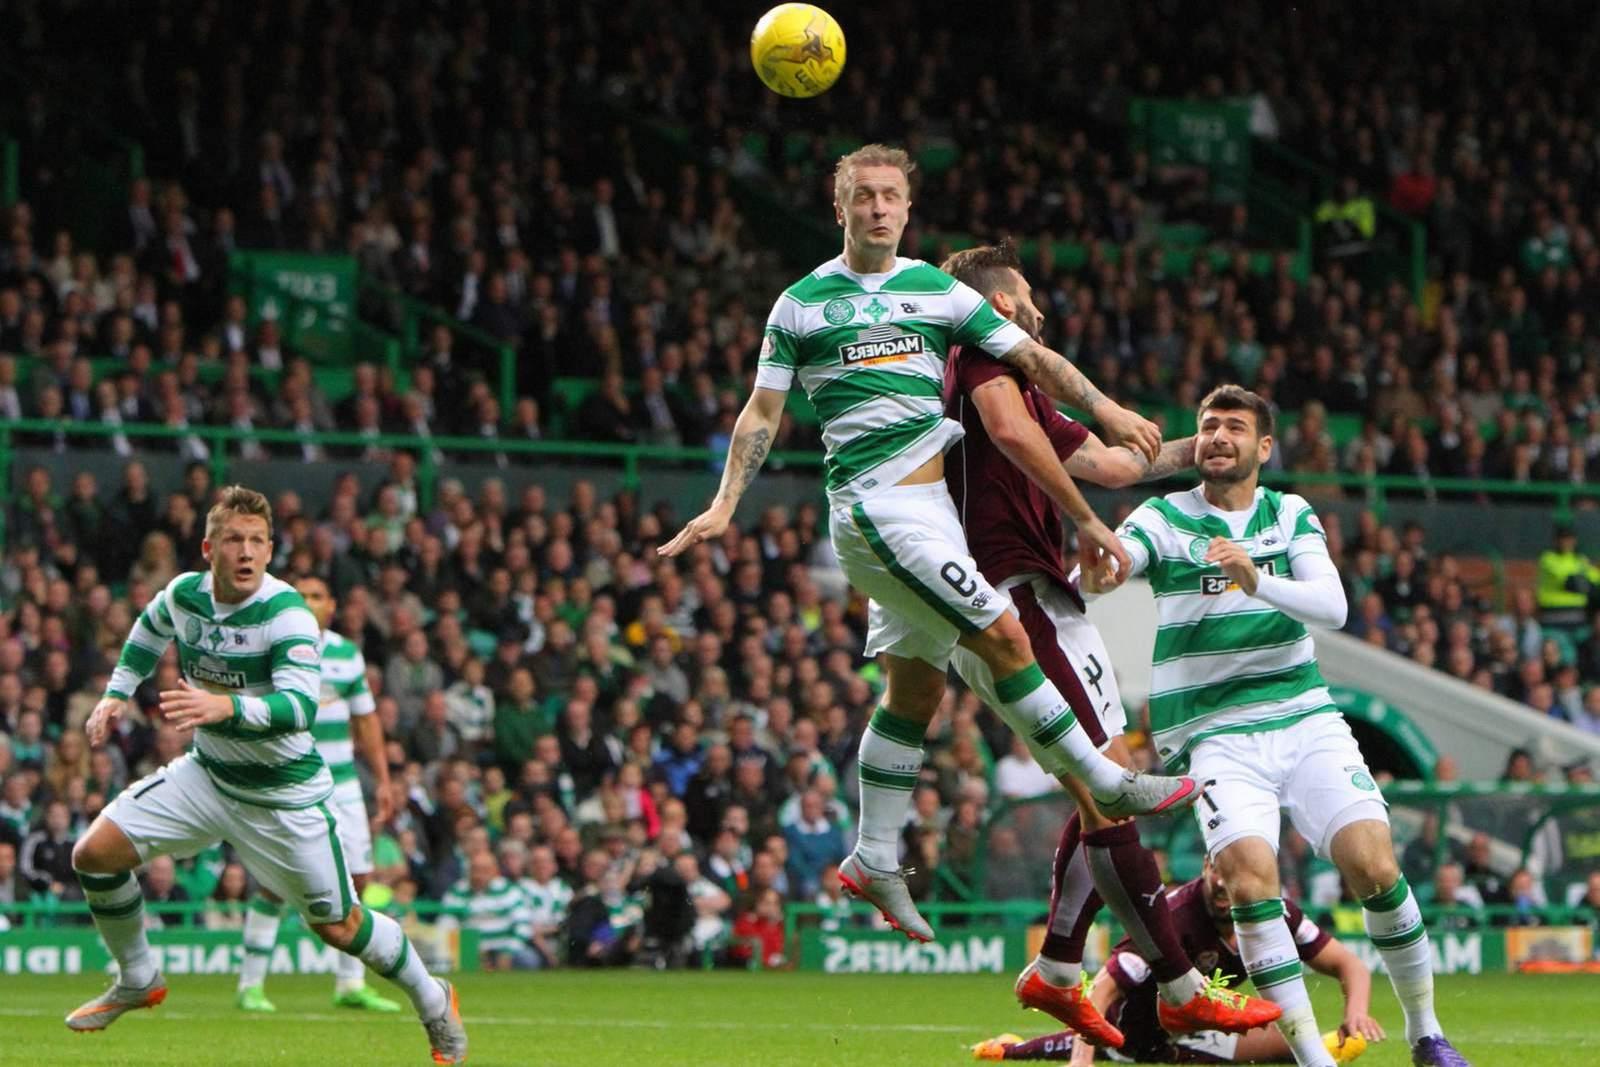 Leigh Griffiths von Celtic Glasgow im Kopfballduell.